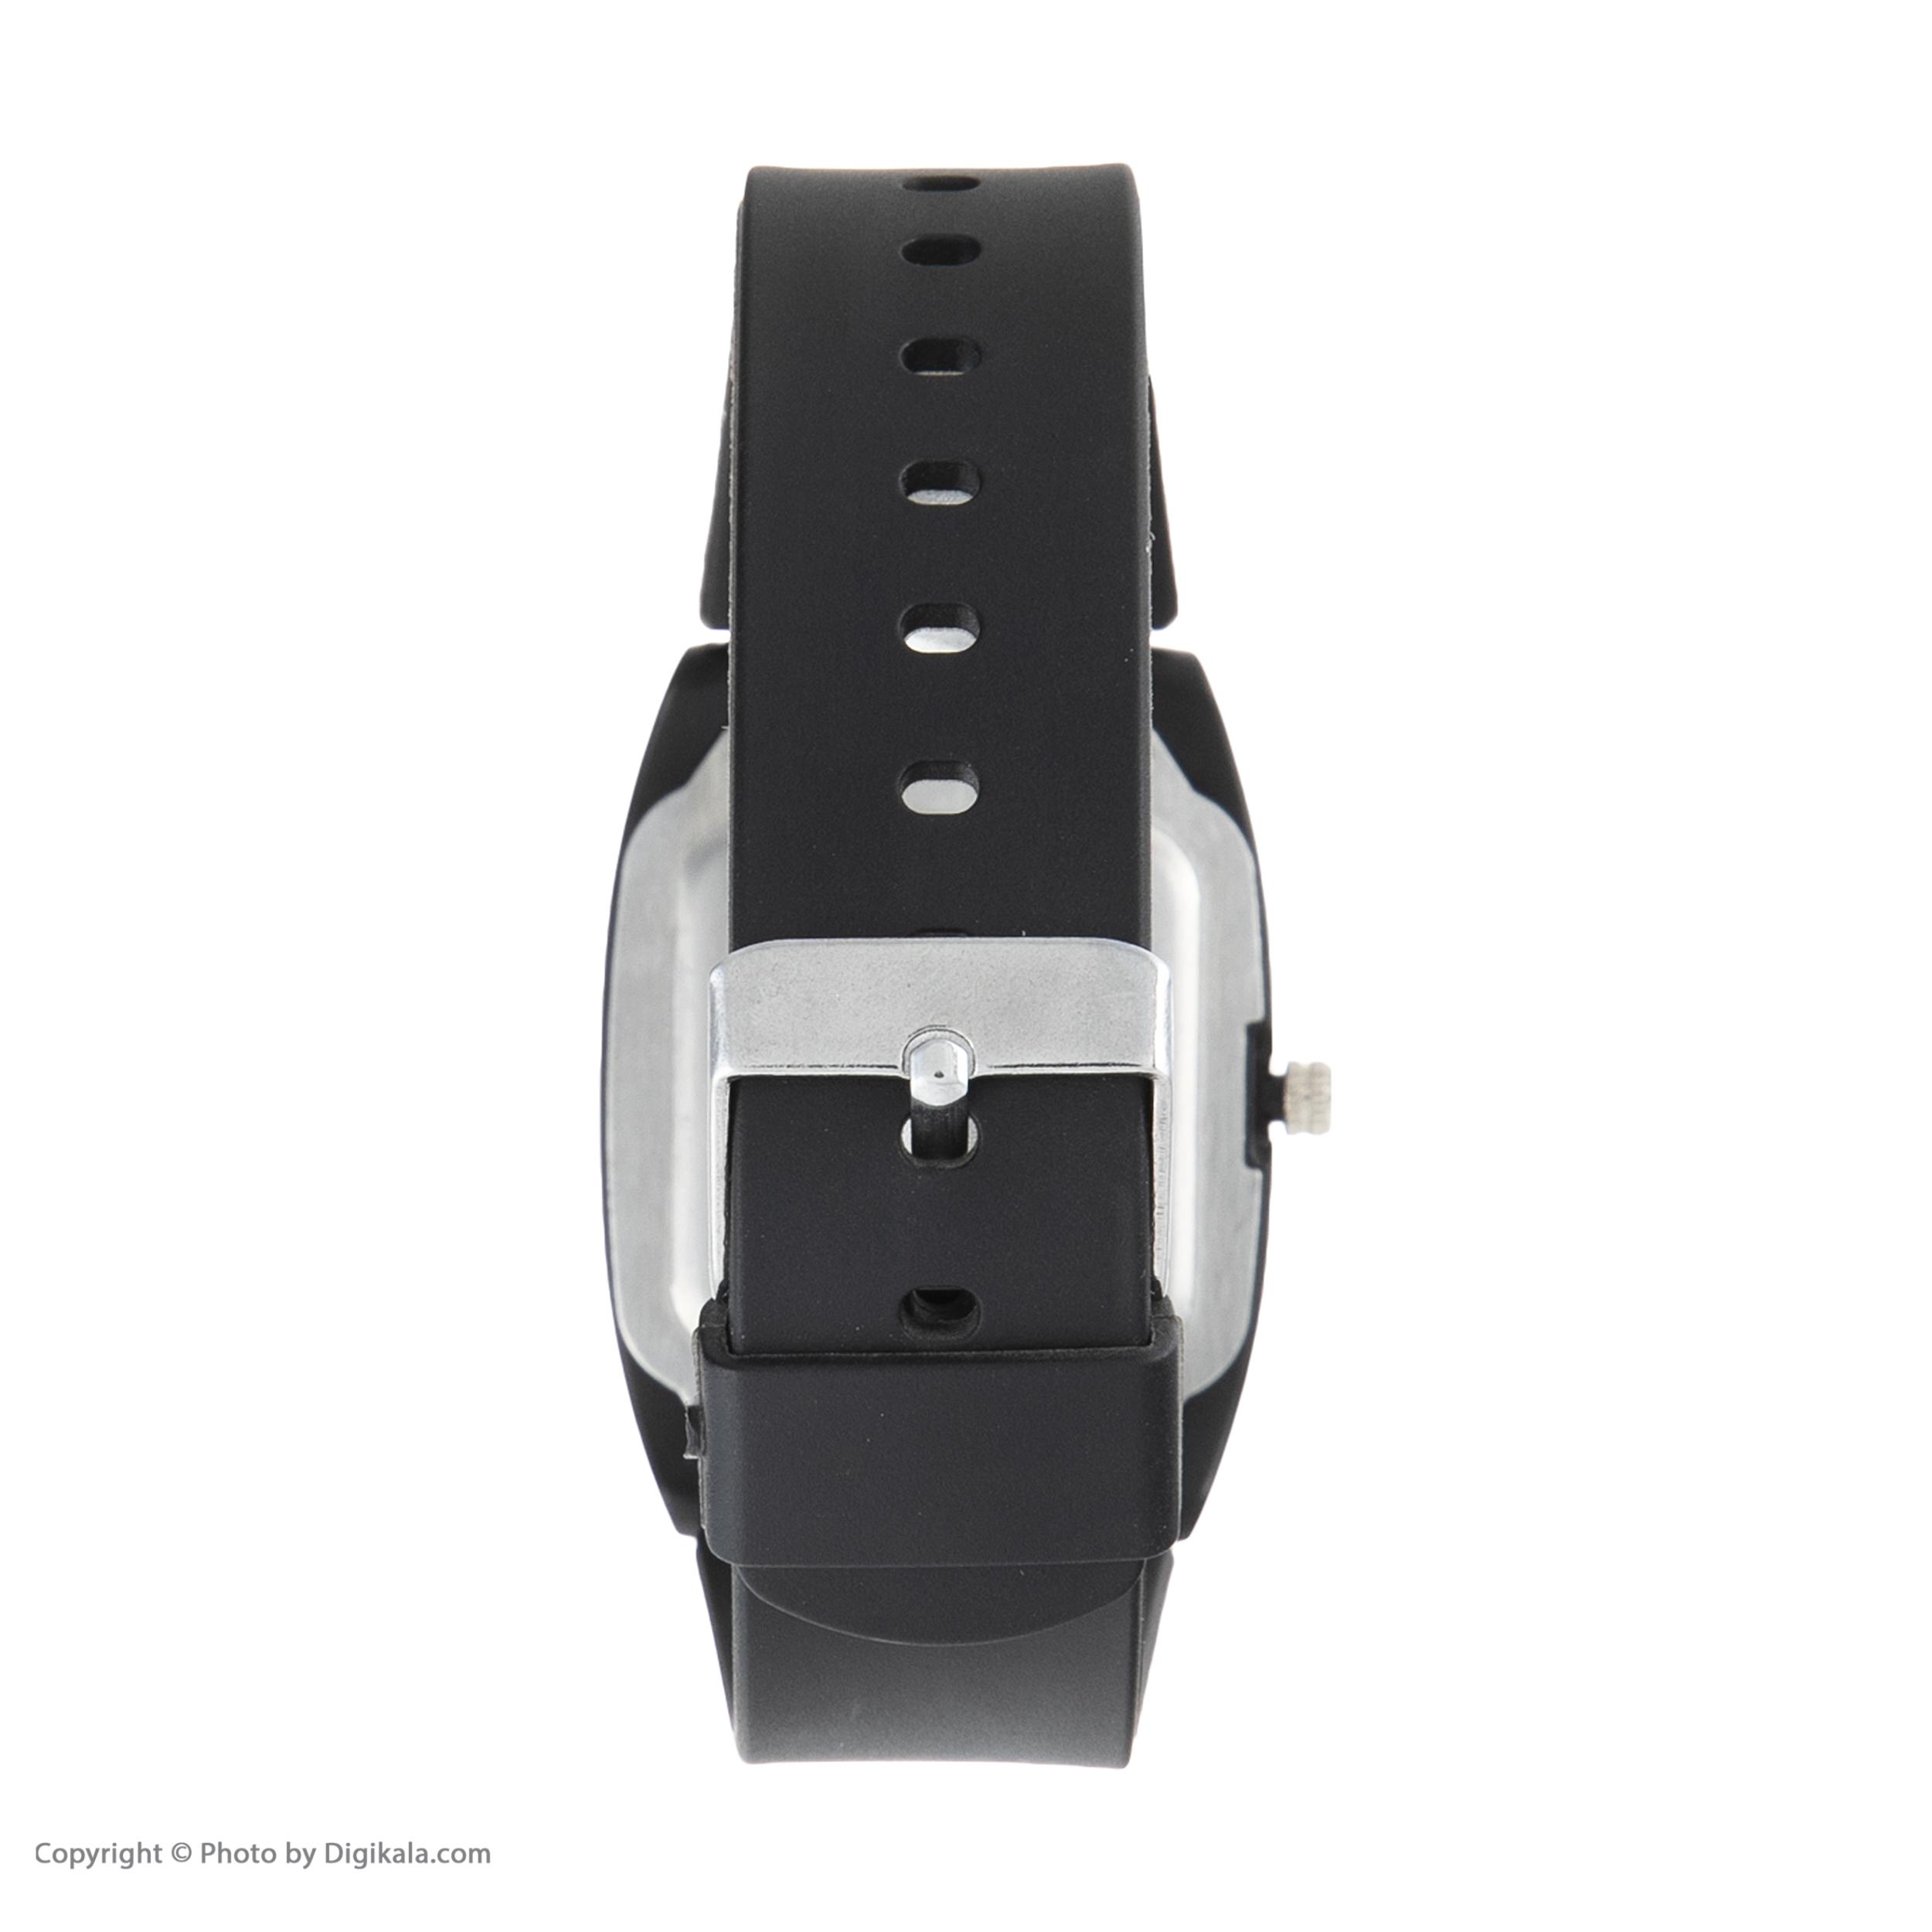 ساعت مچی عقربه ای مدل LTP-V004D-1B40UDF                     غیر اصل